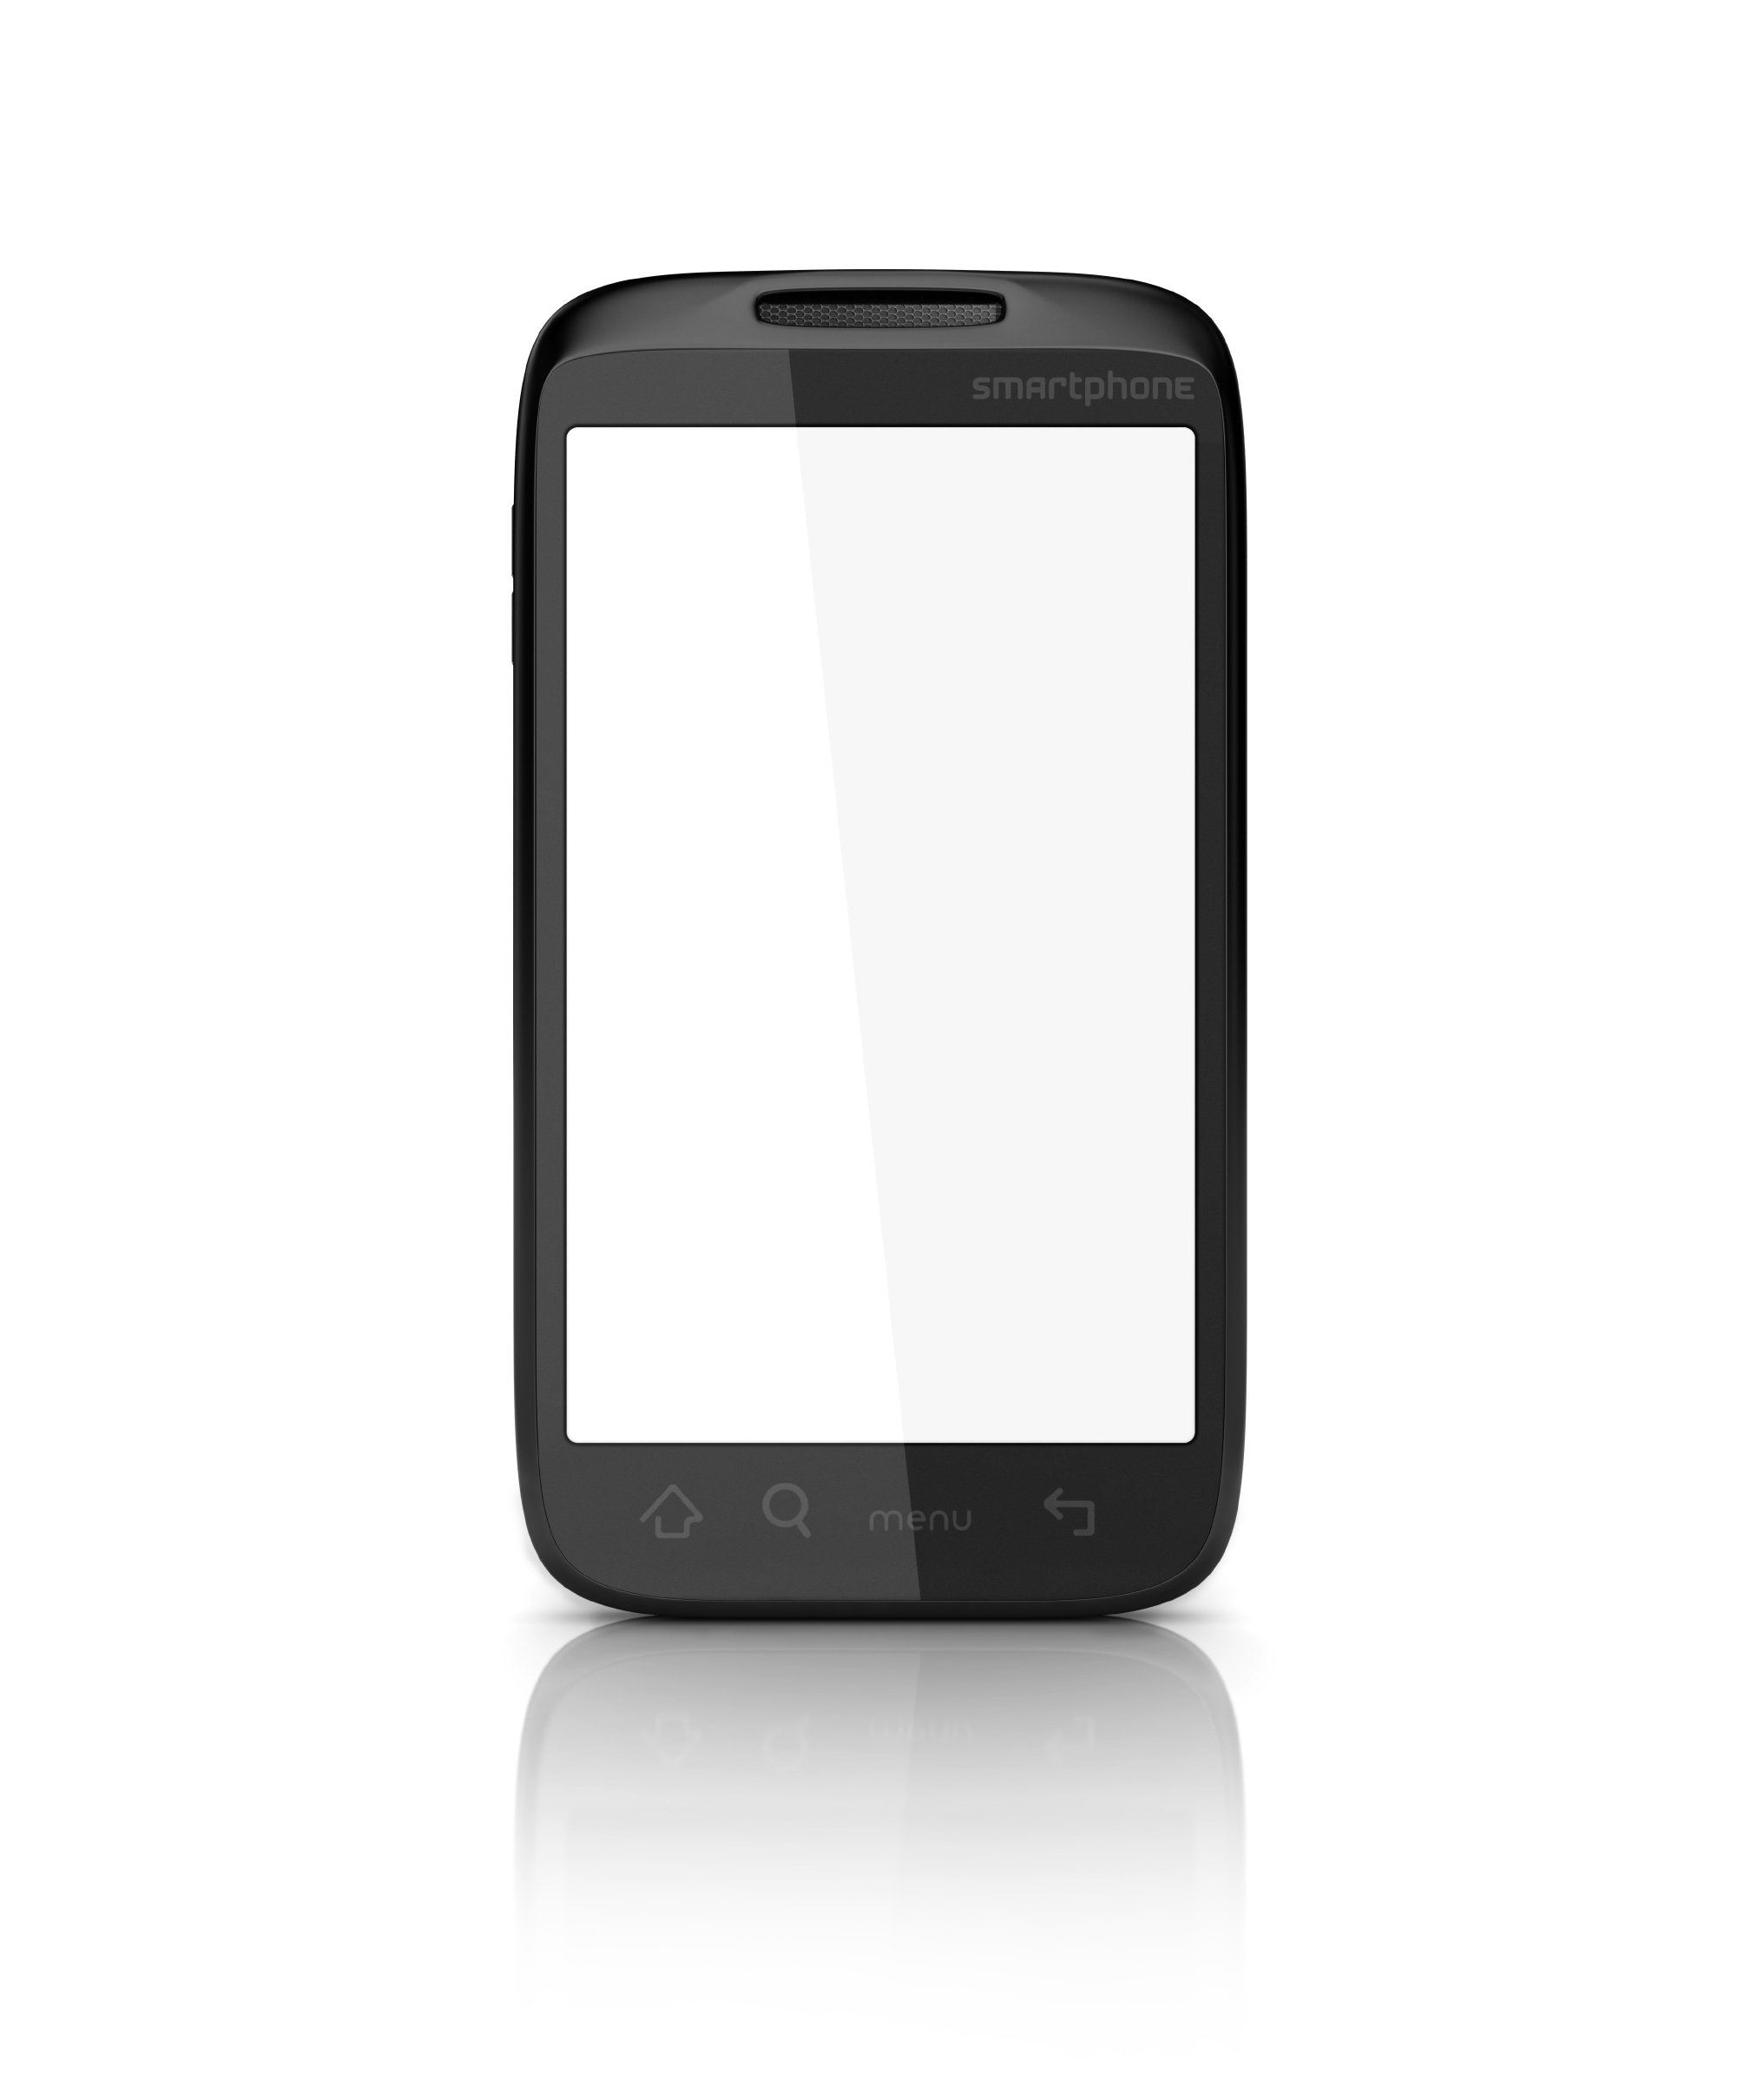 Смартфон картинка на прозрачном фоне